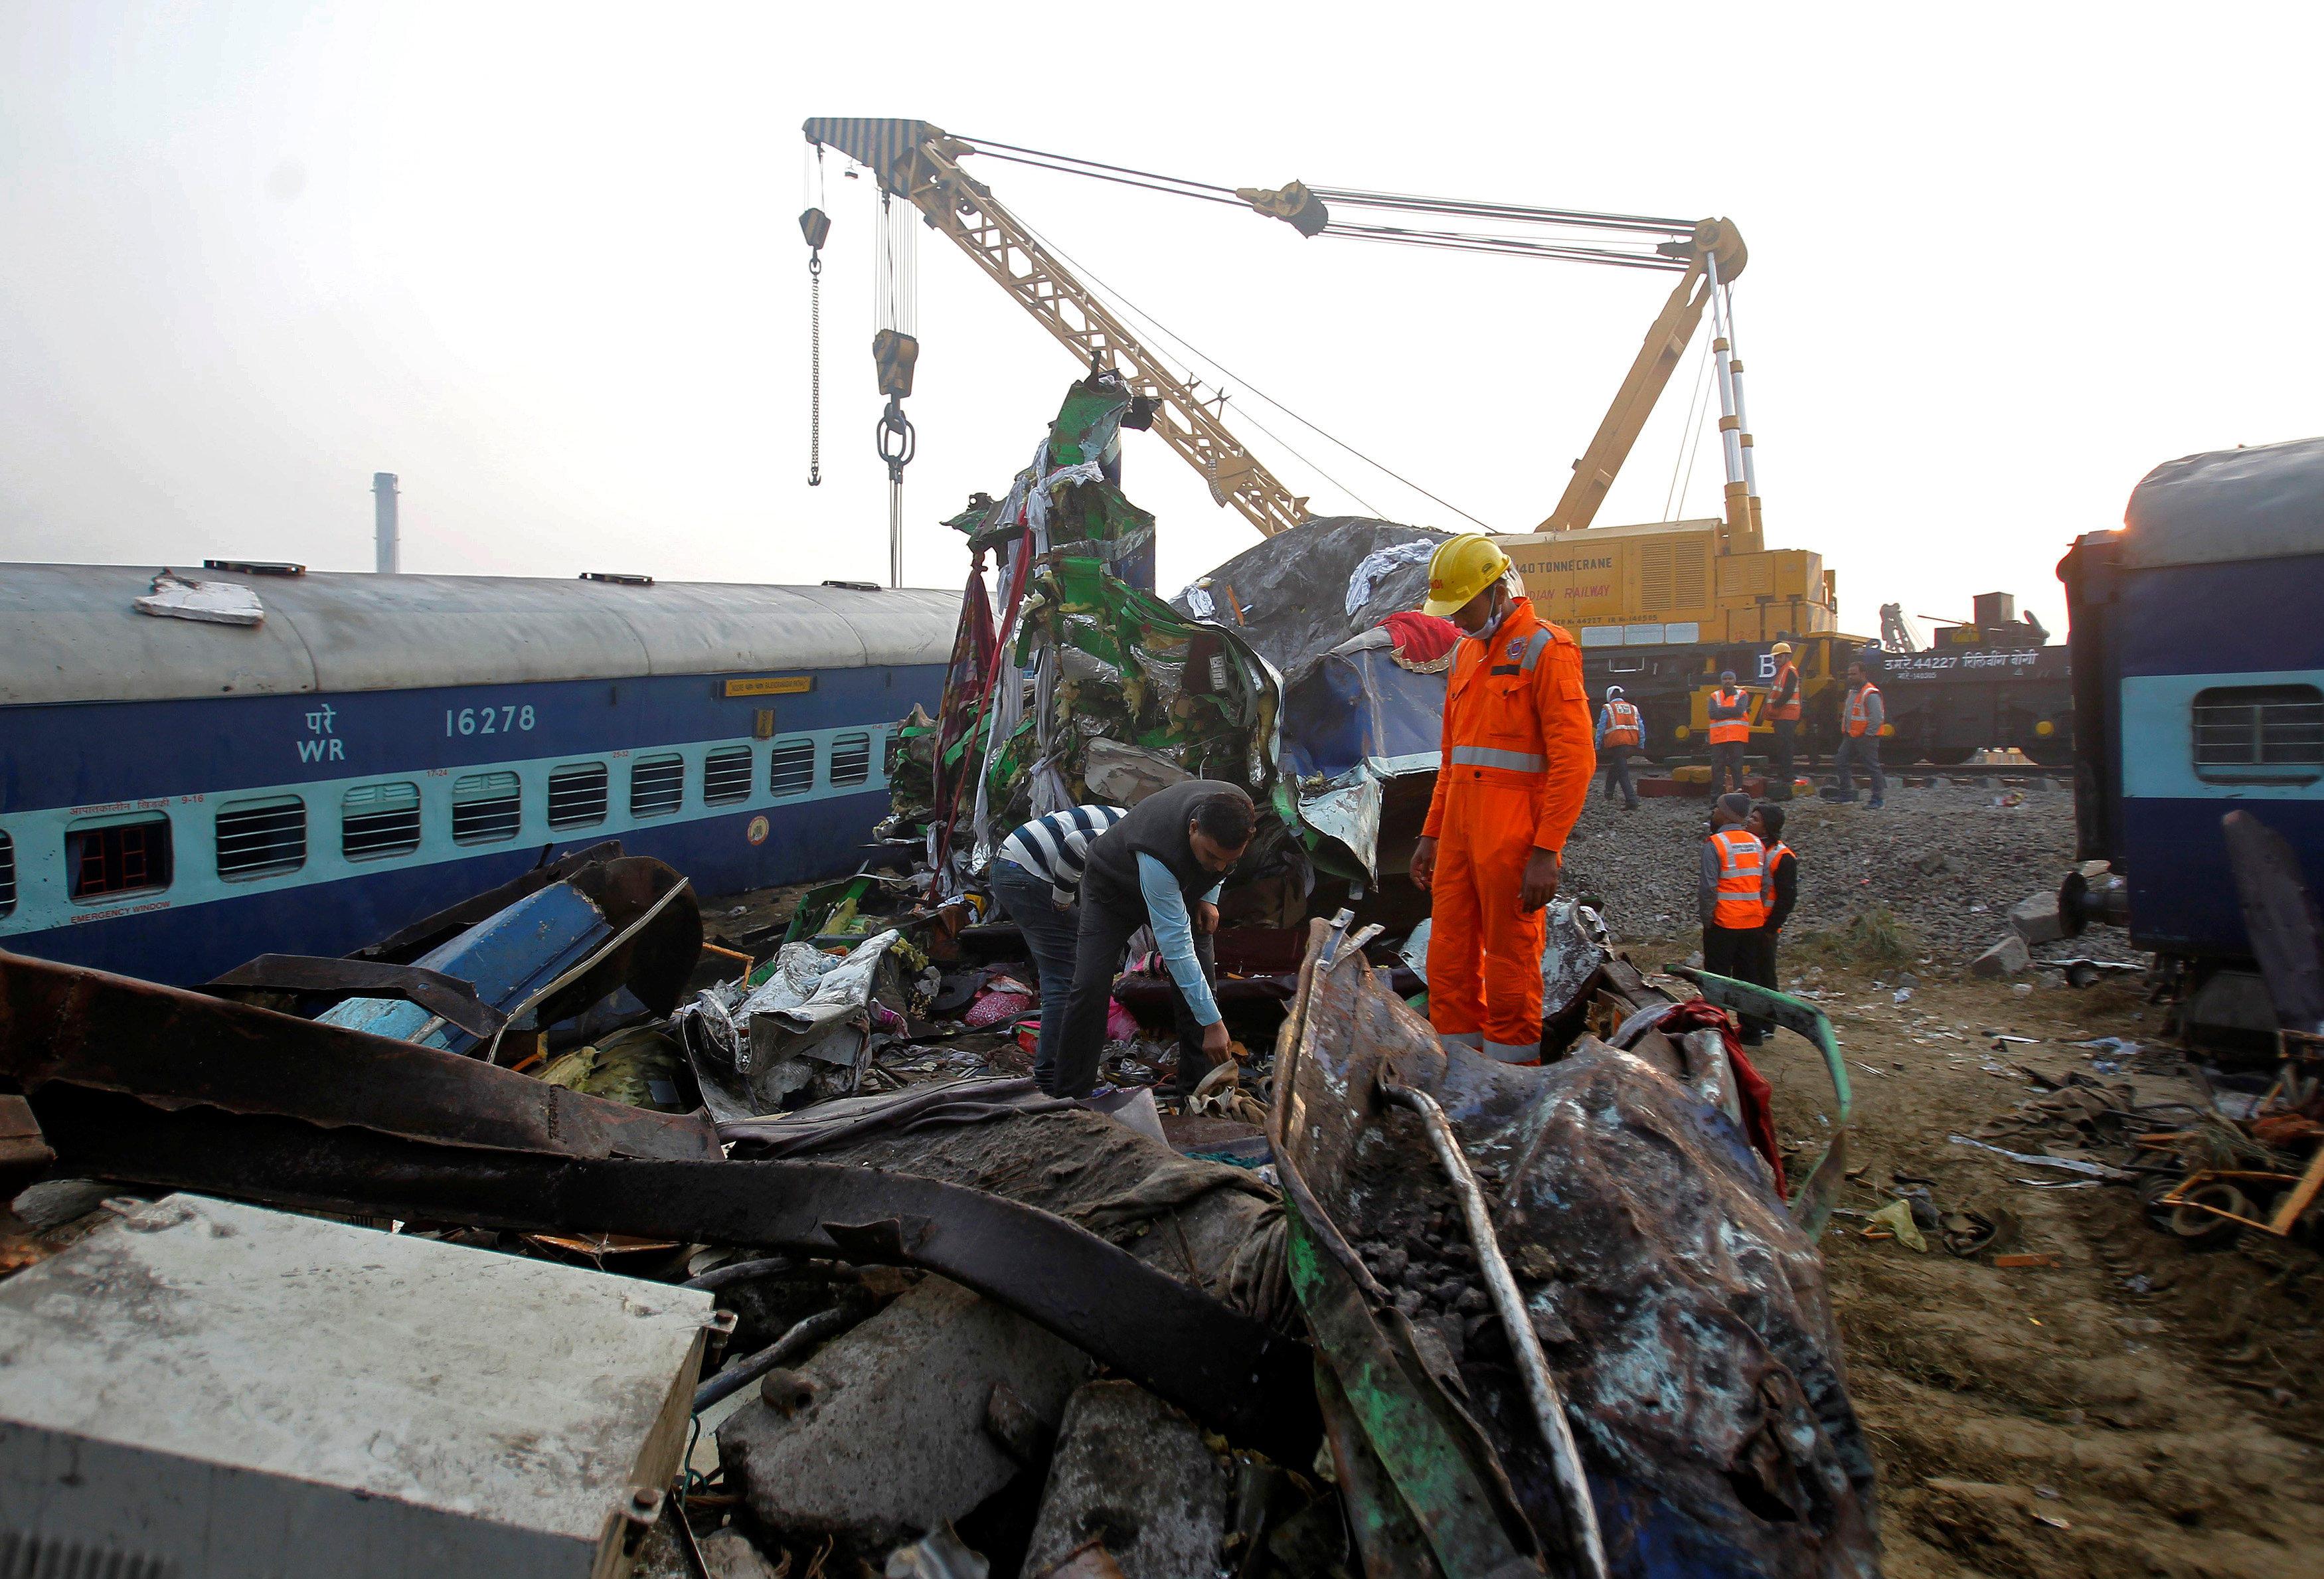 india train derailment leaves scores dead near kanpur - cbs news